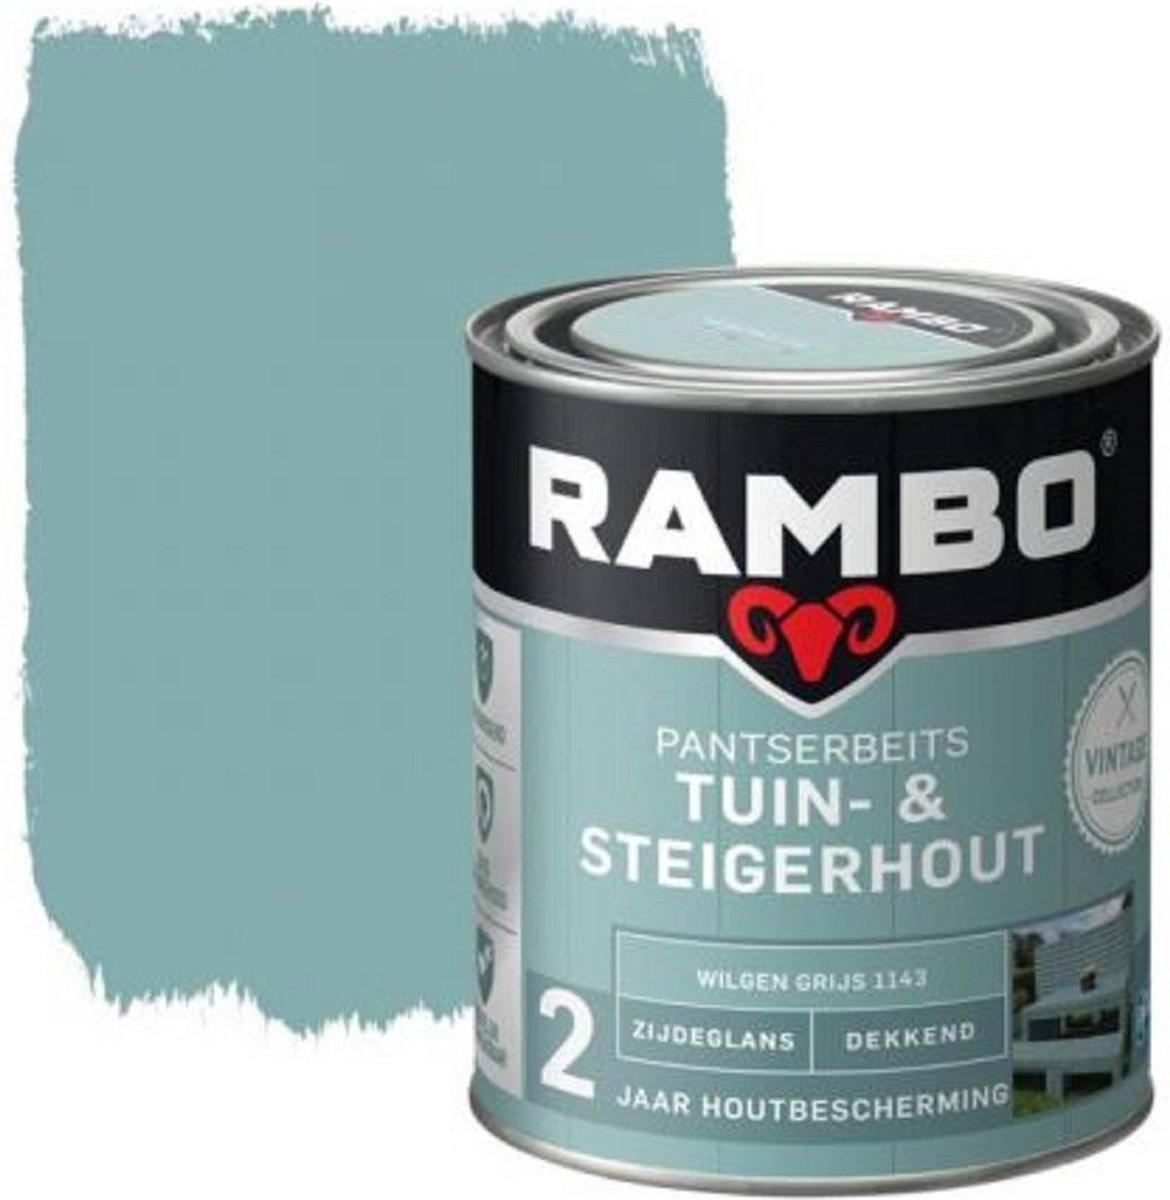 Tuin - & Steigerhout 750 ml Wilgen Grijs 1143